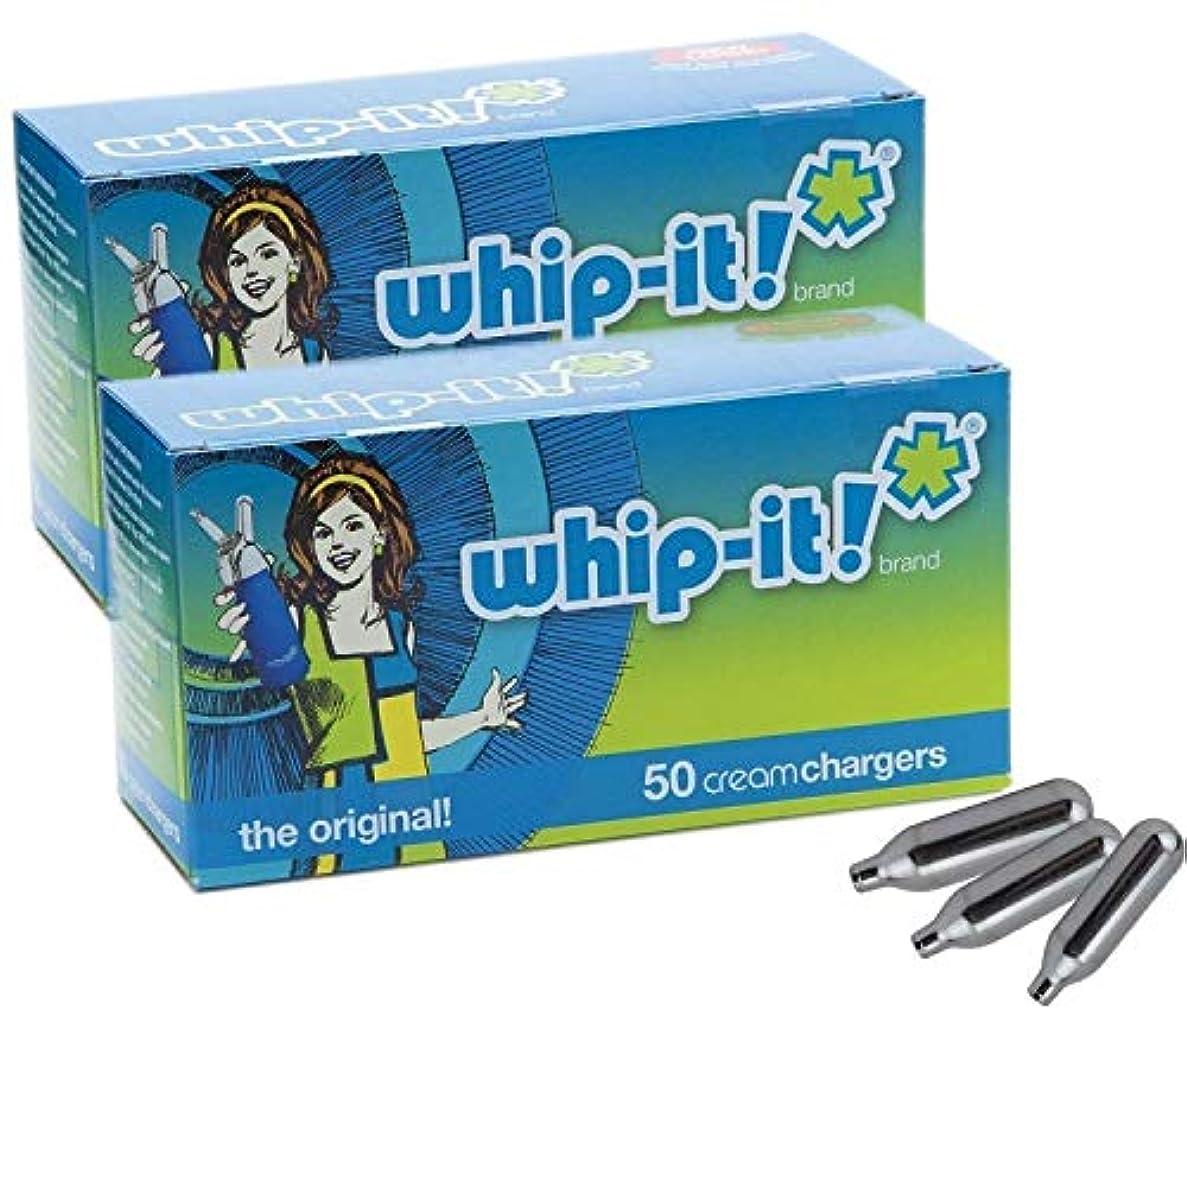 定期的望み八Whip-it! ブランド:オリジナルホイップクリームの充電器(100 パック)